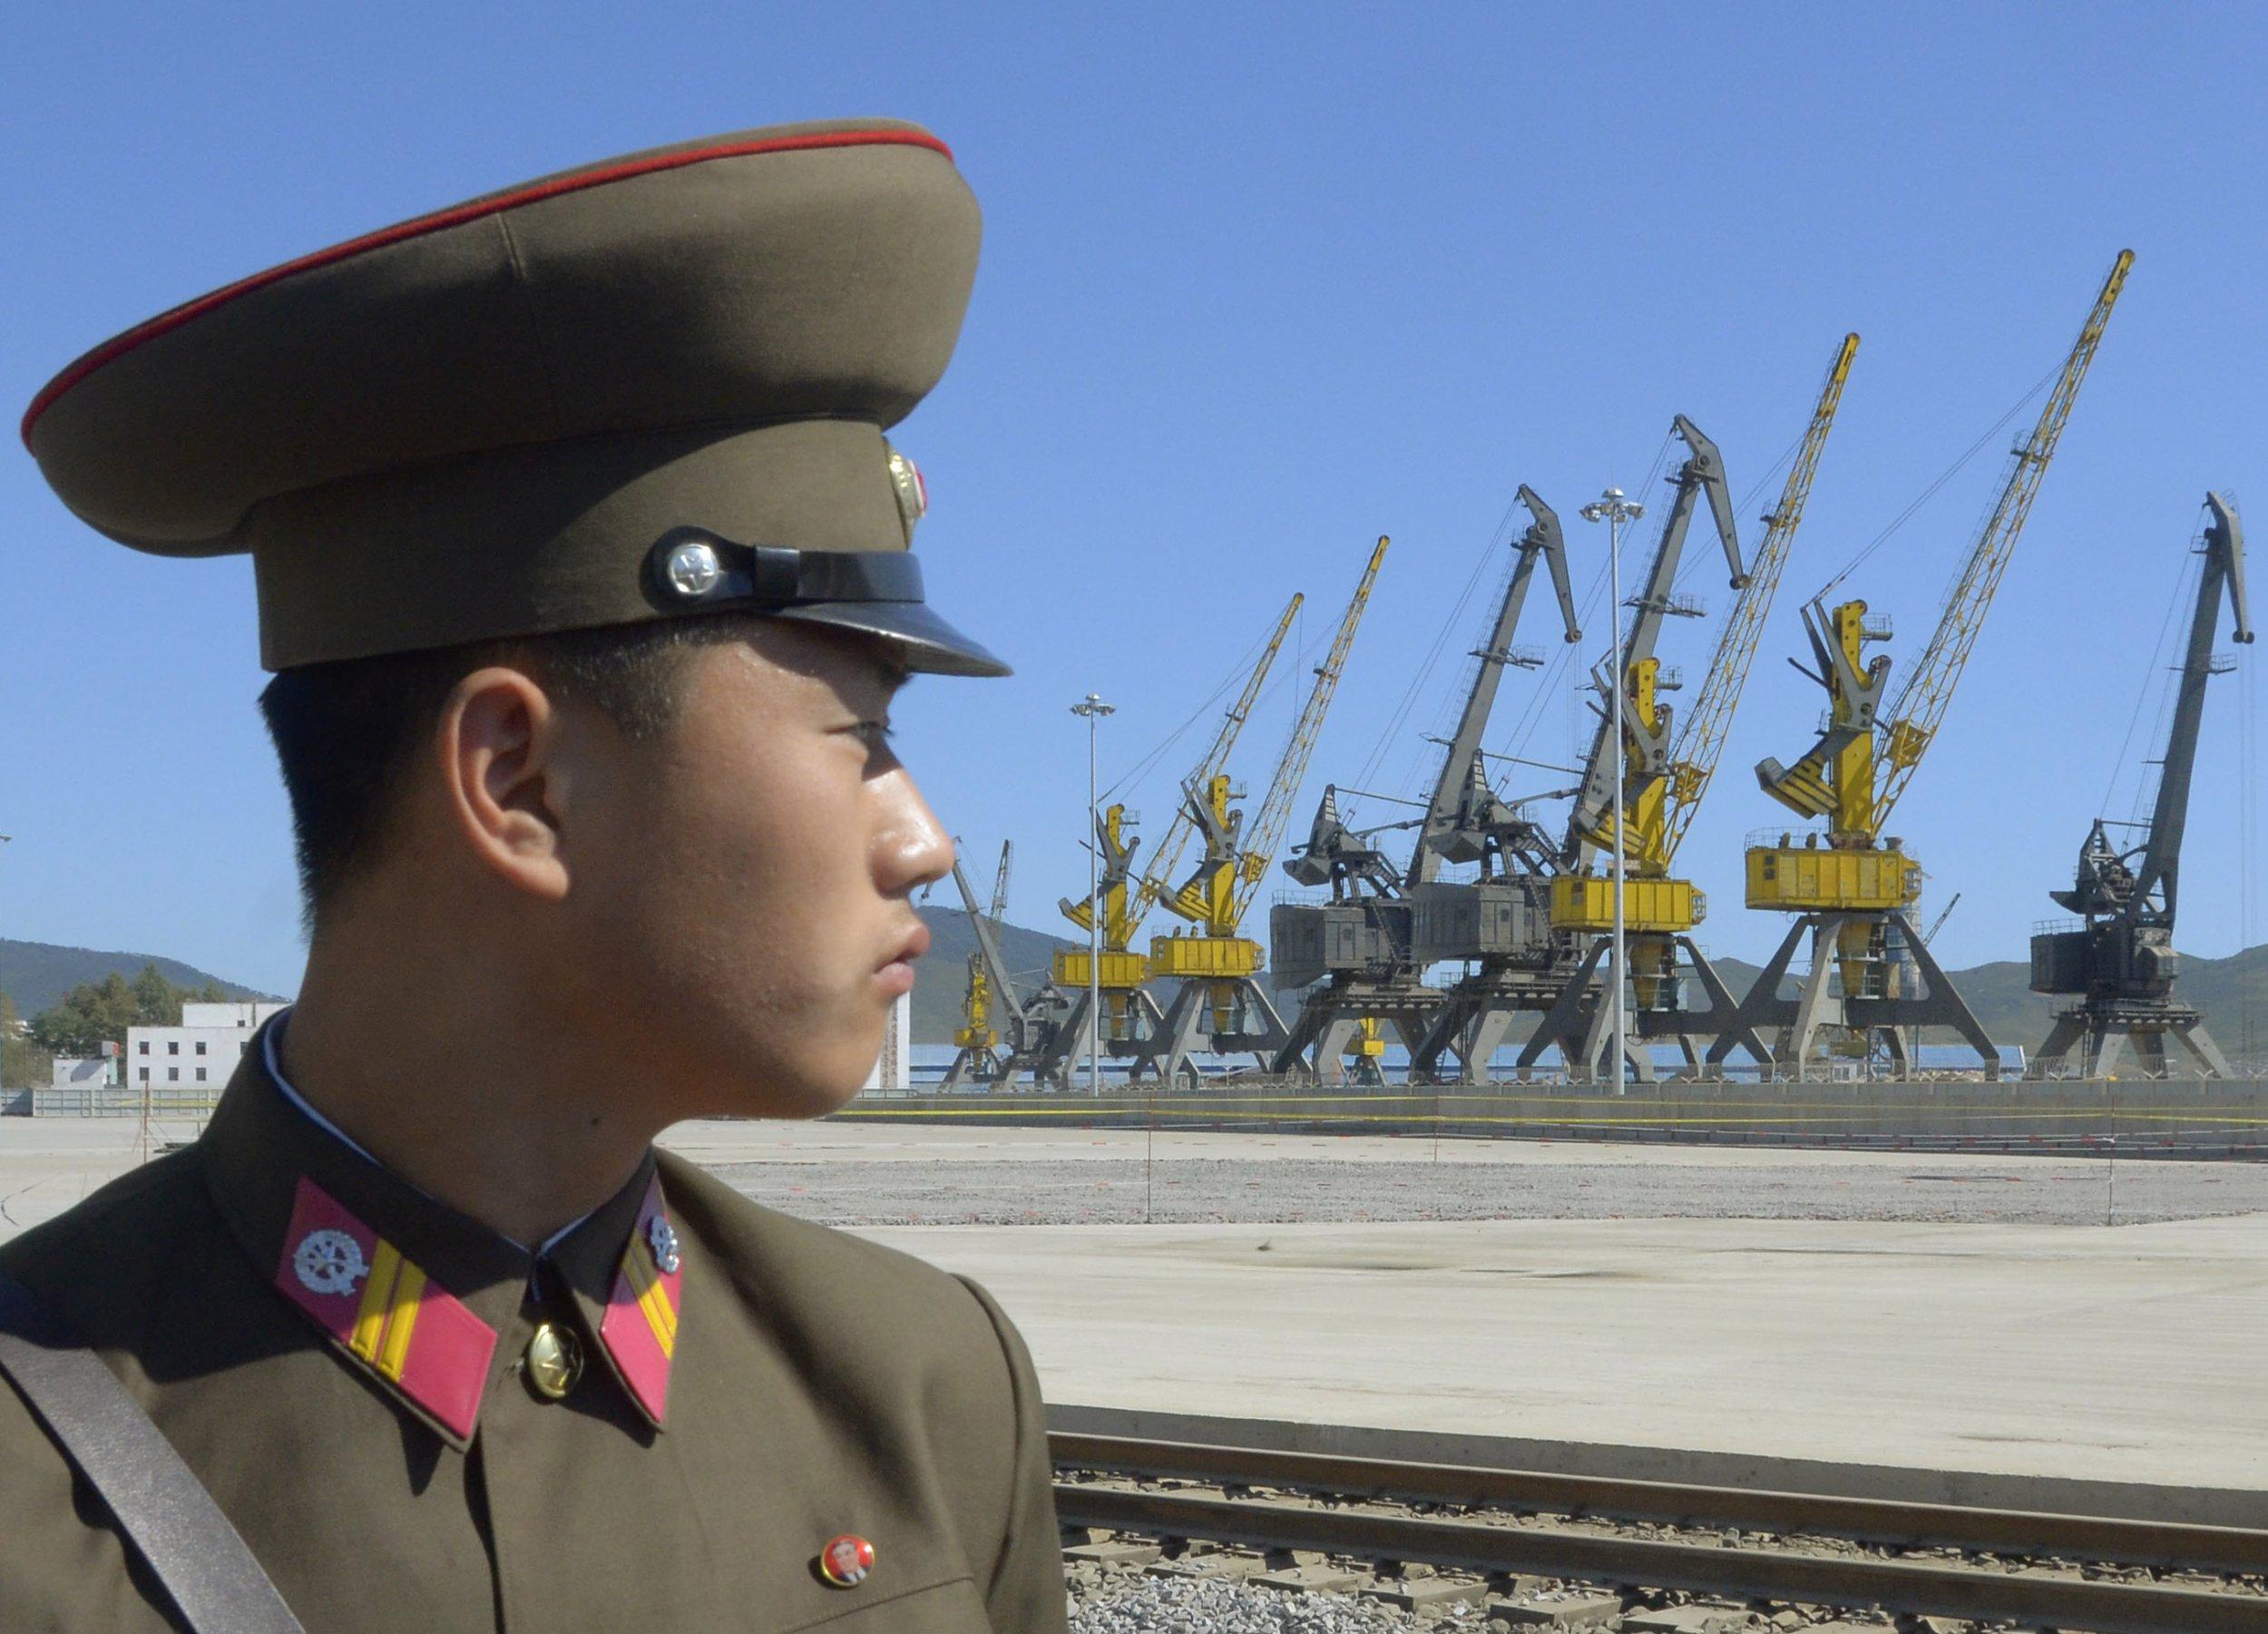 01_28_North_Korea_soldier